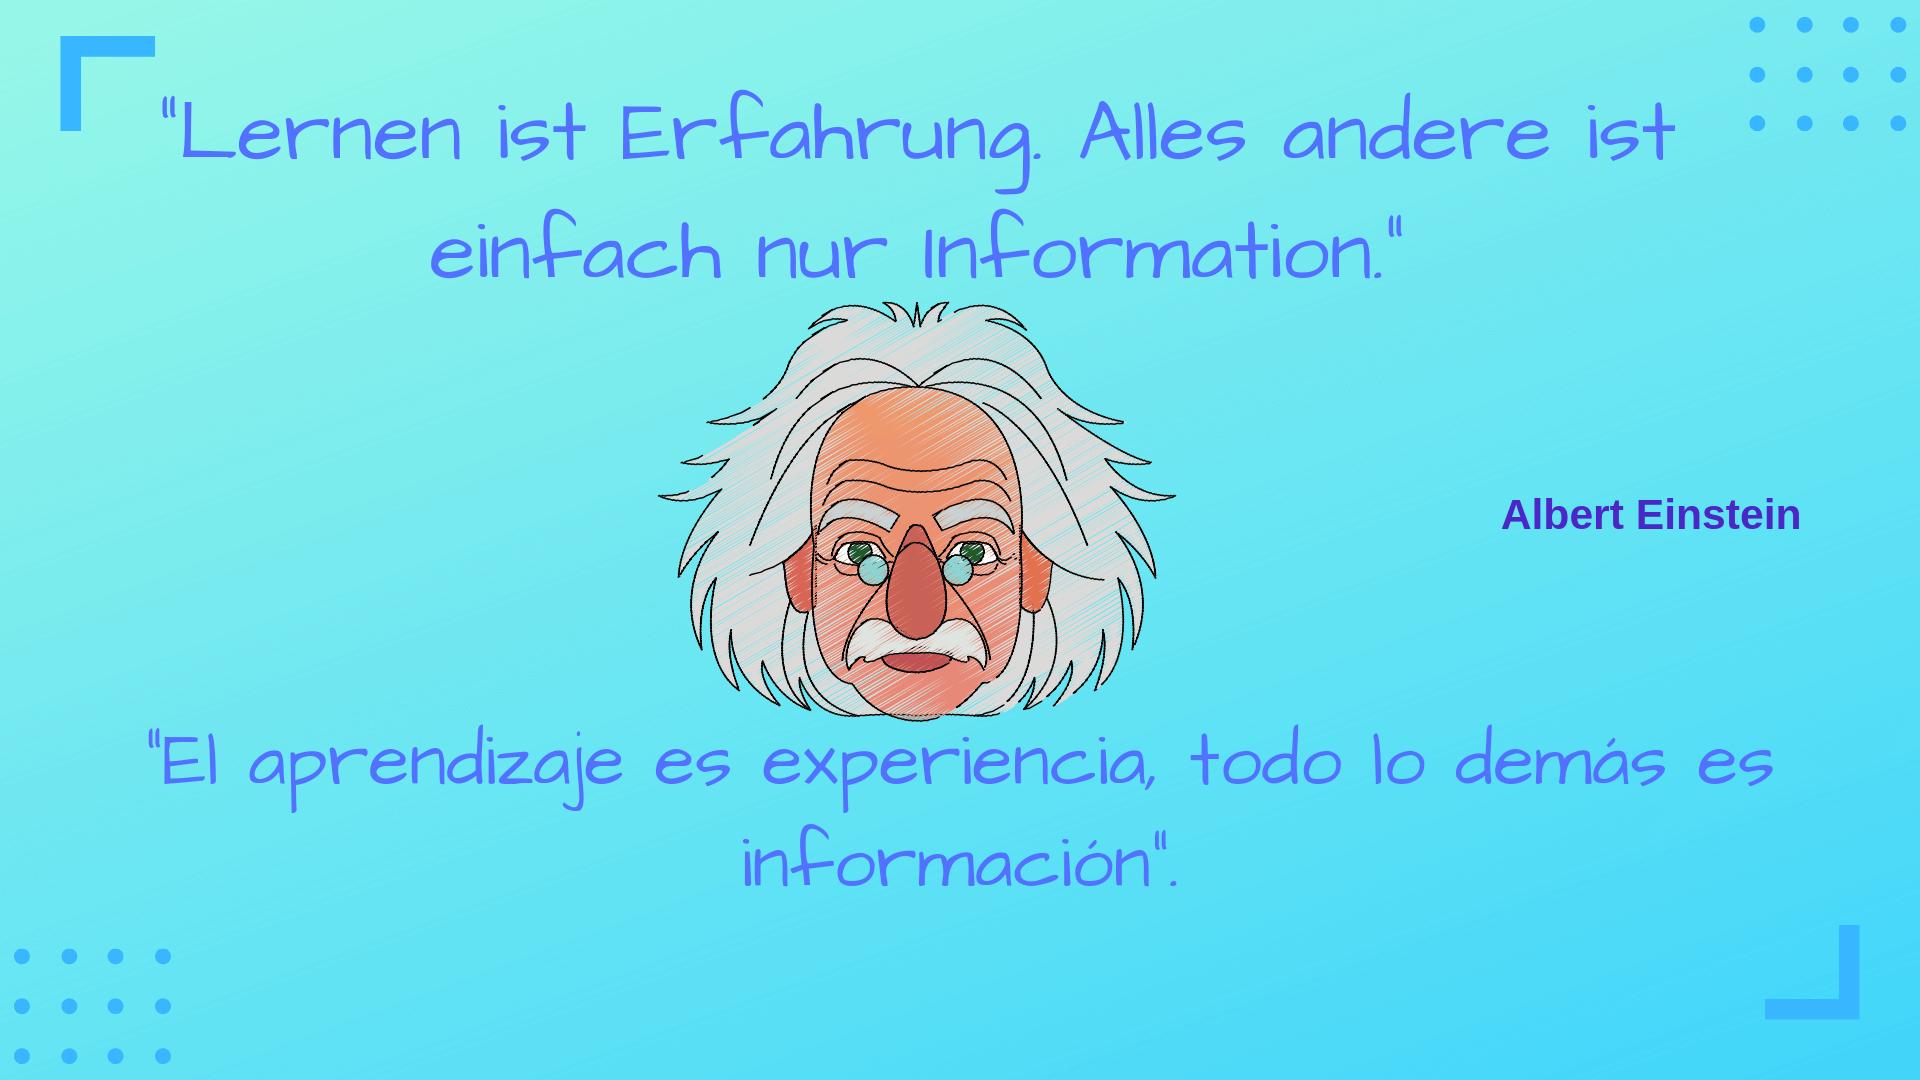 curso de aleman sabado Munich cita